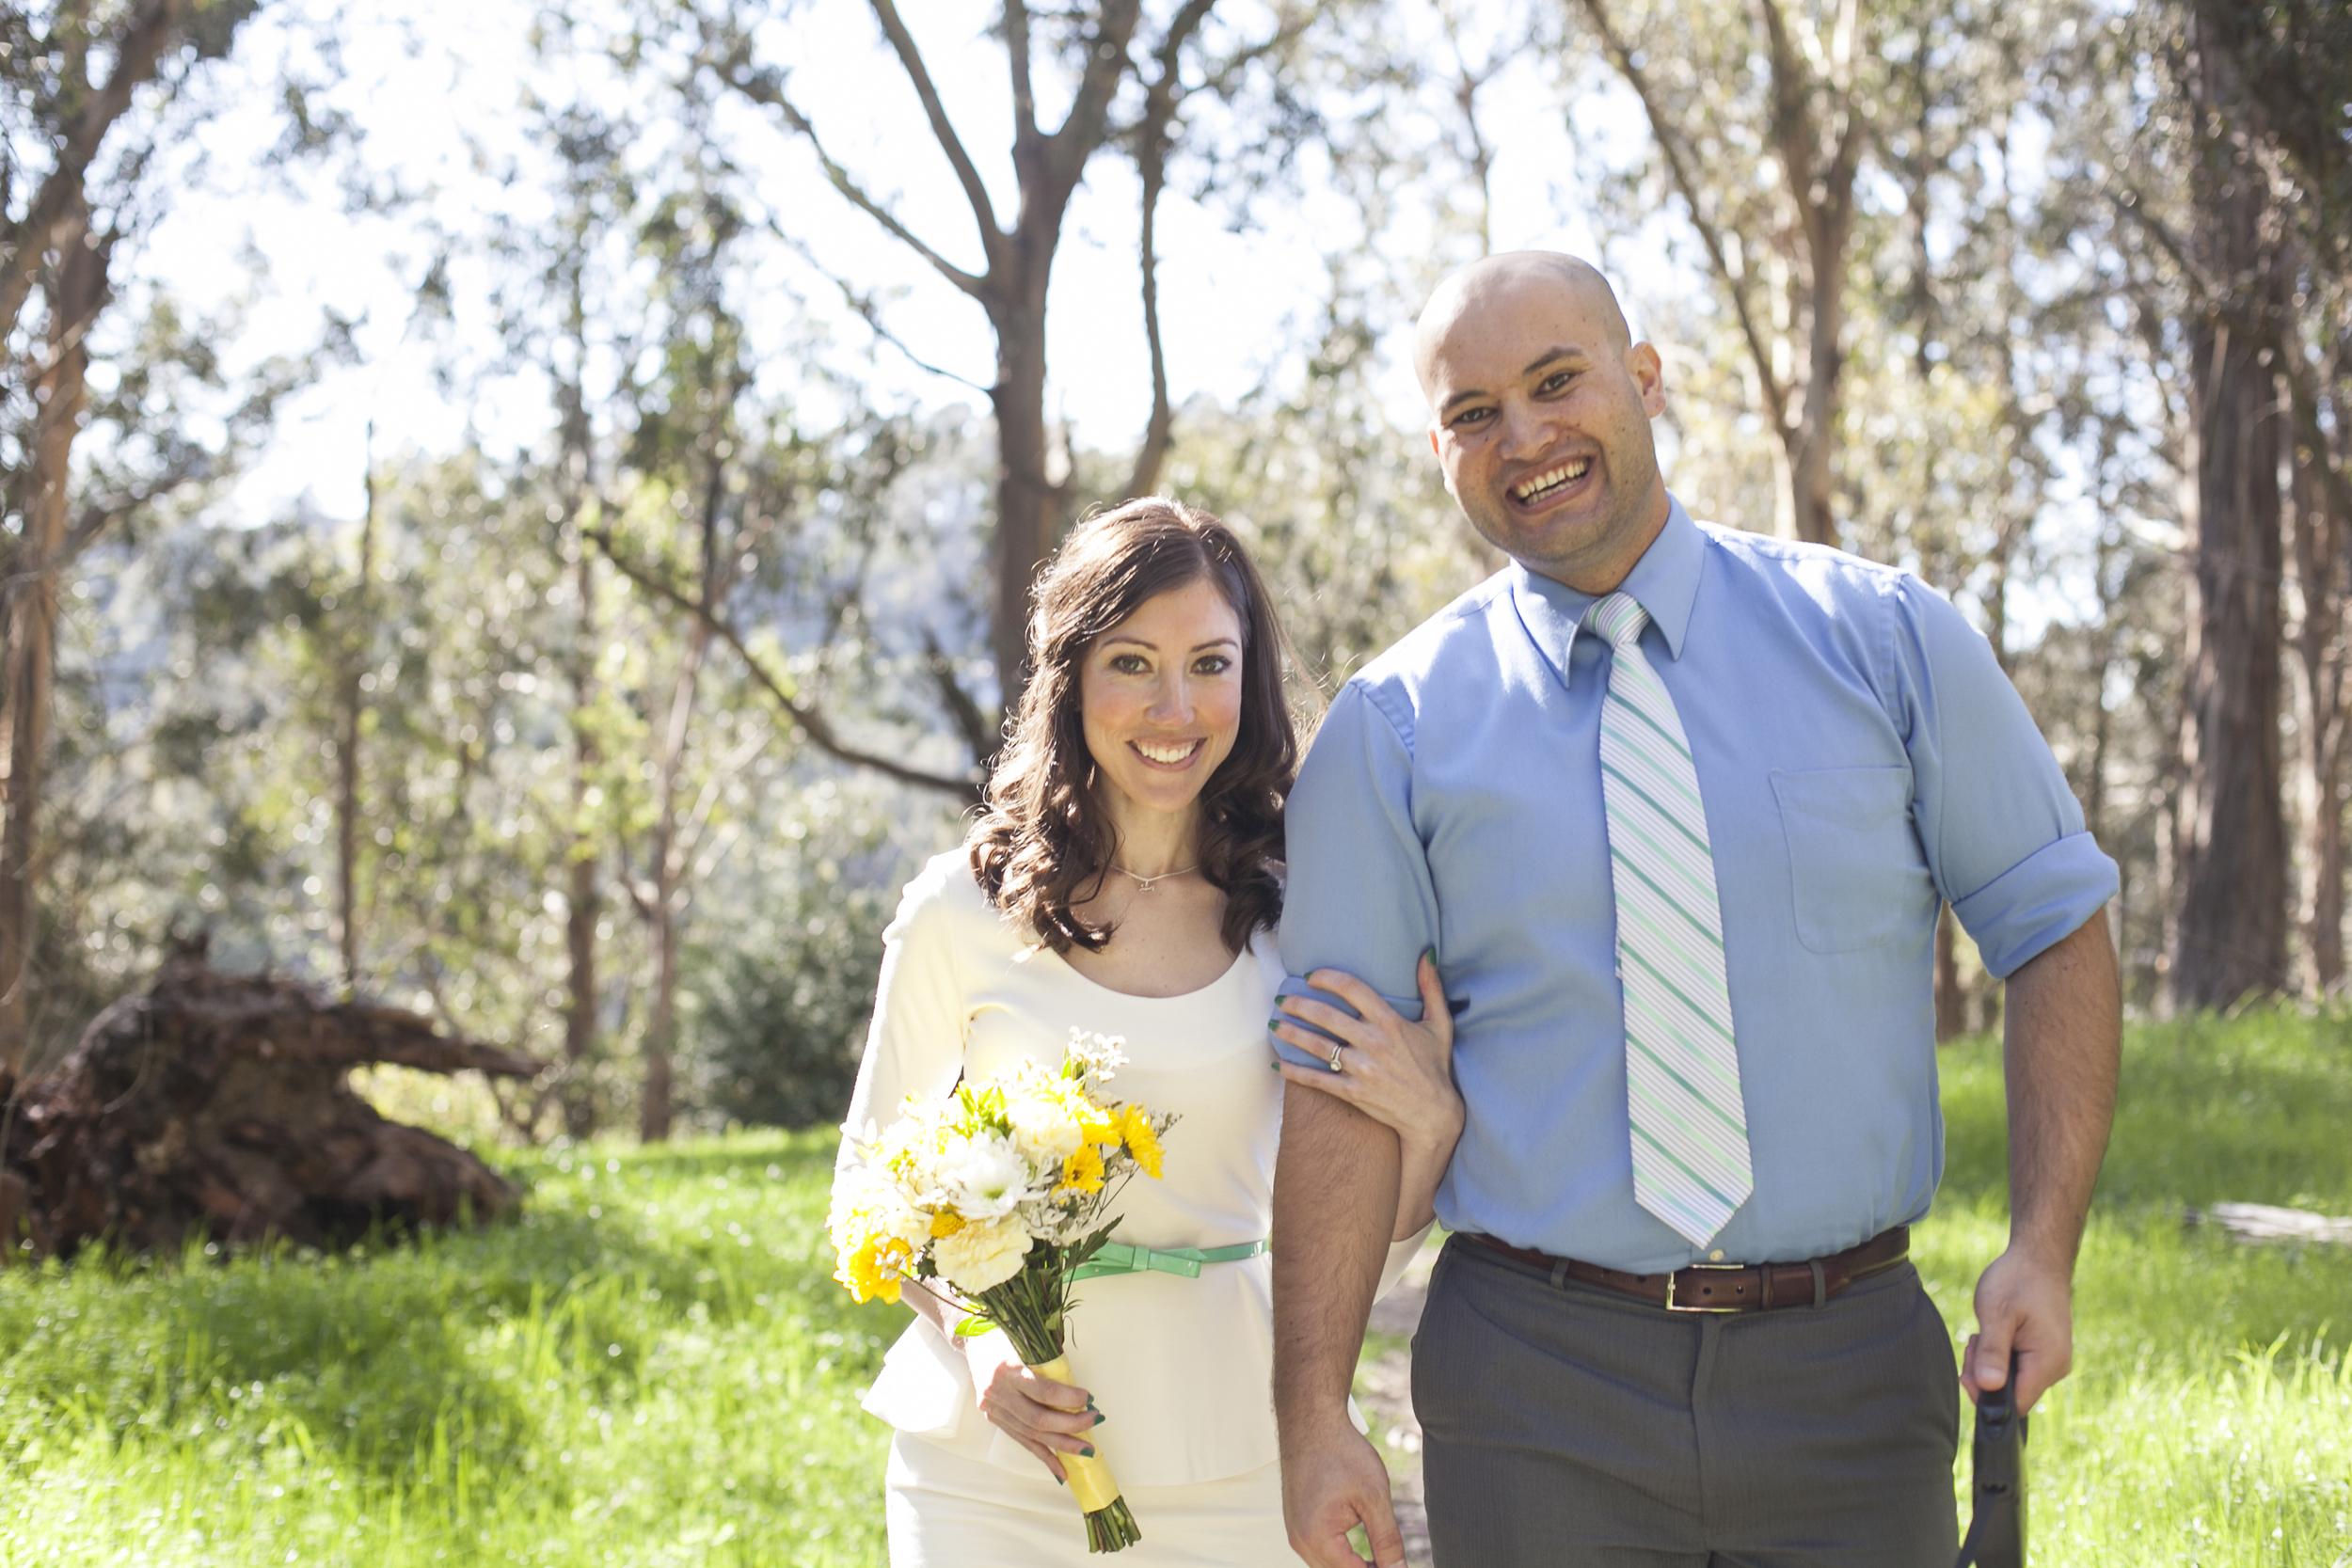 Tilden Park Berkeley Wedding Photographer-Meo Baaklini035.jpg